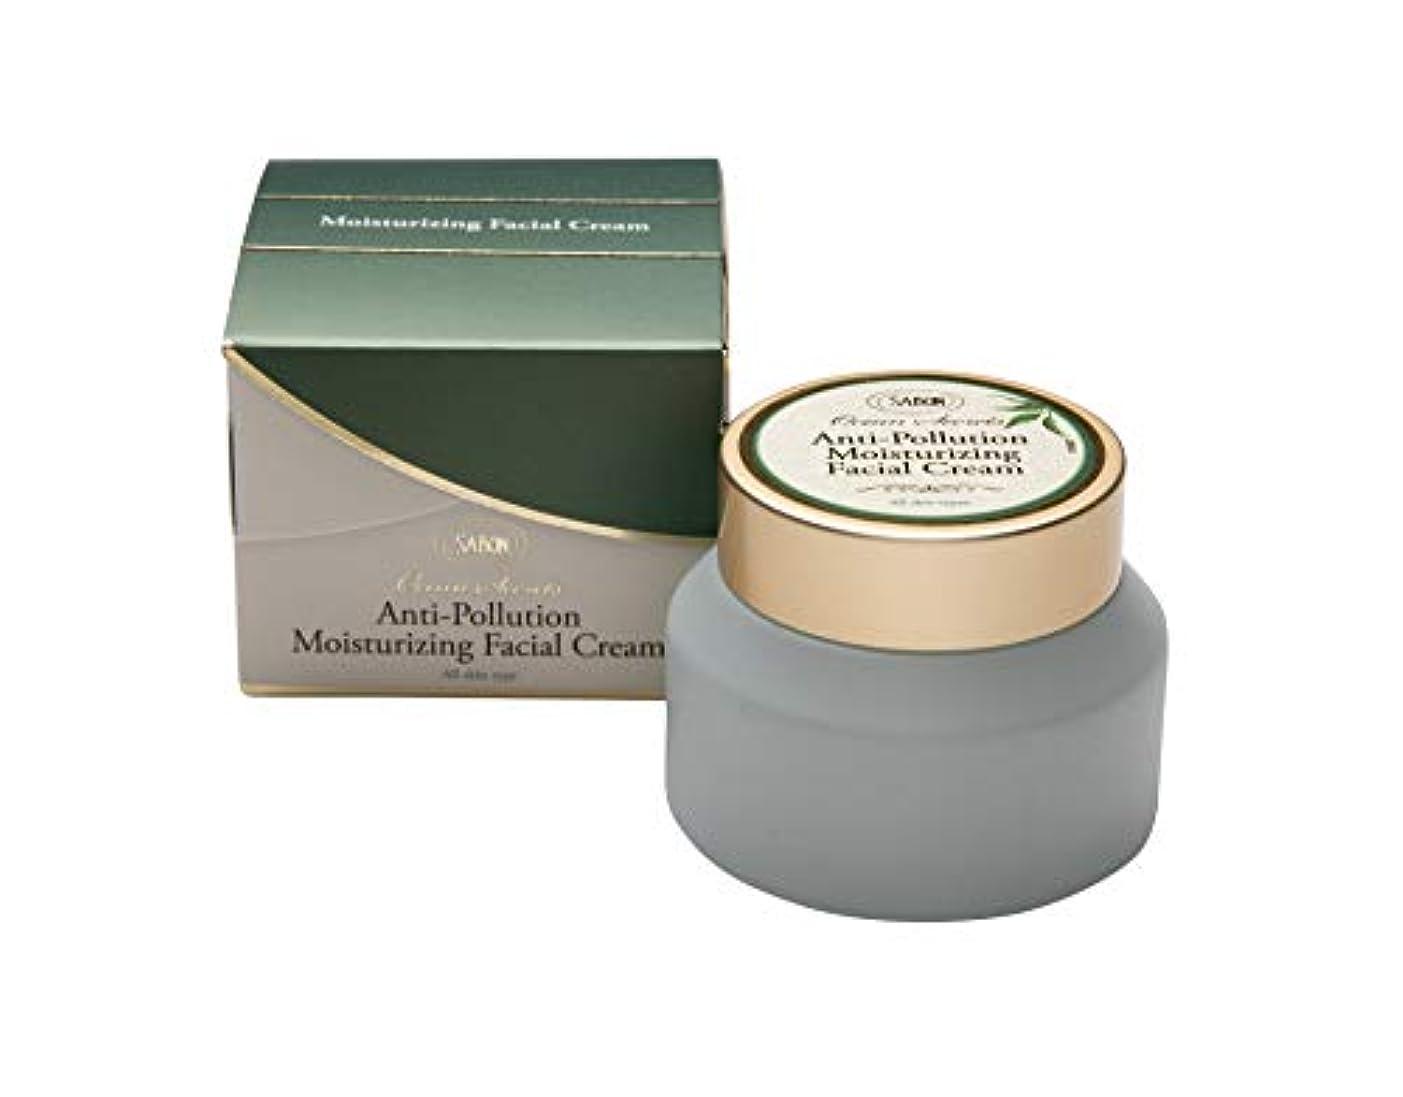 嫌いマングル口【SABON(サボン)】Ocean Secrets AP Moisturizing Facial Cream(オーシャン シークレット AP モイスチャライジング フェイシャル クリーム) イスラエルより直送 [並行輸入品]